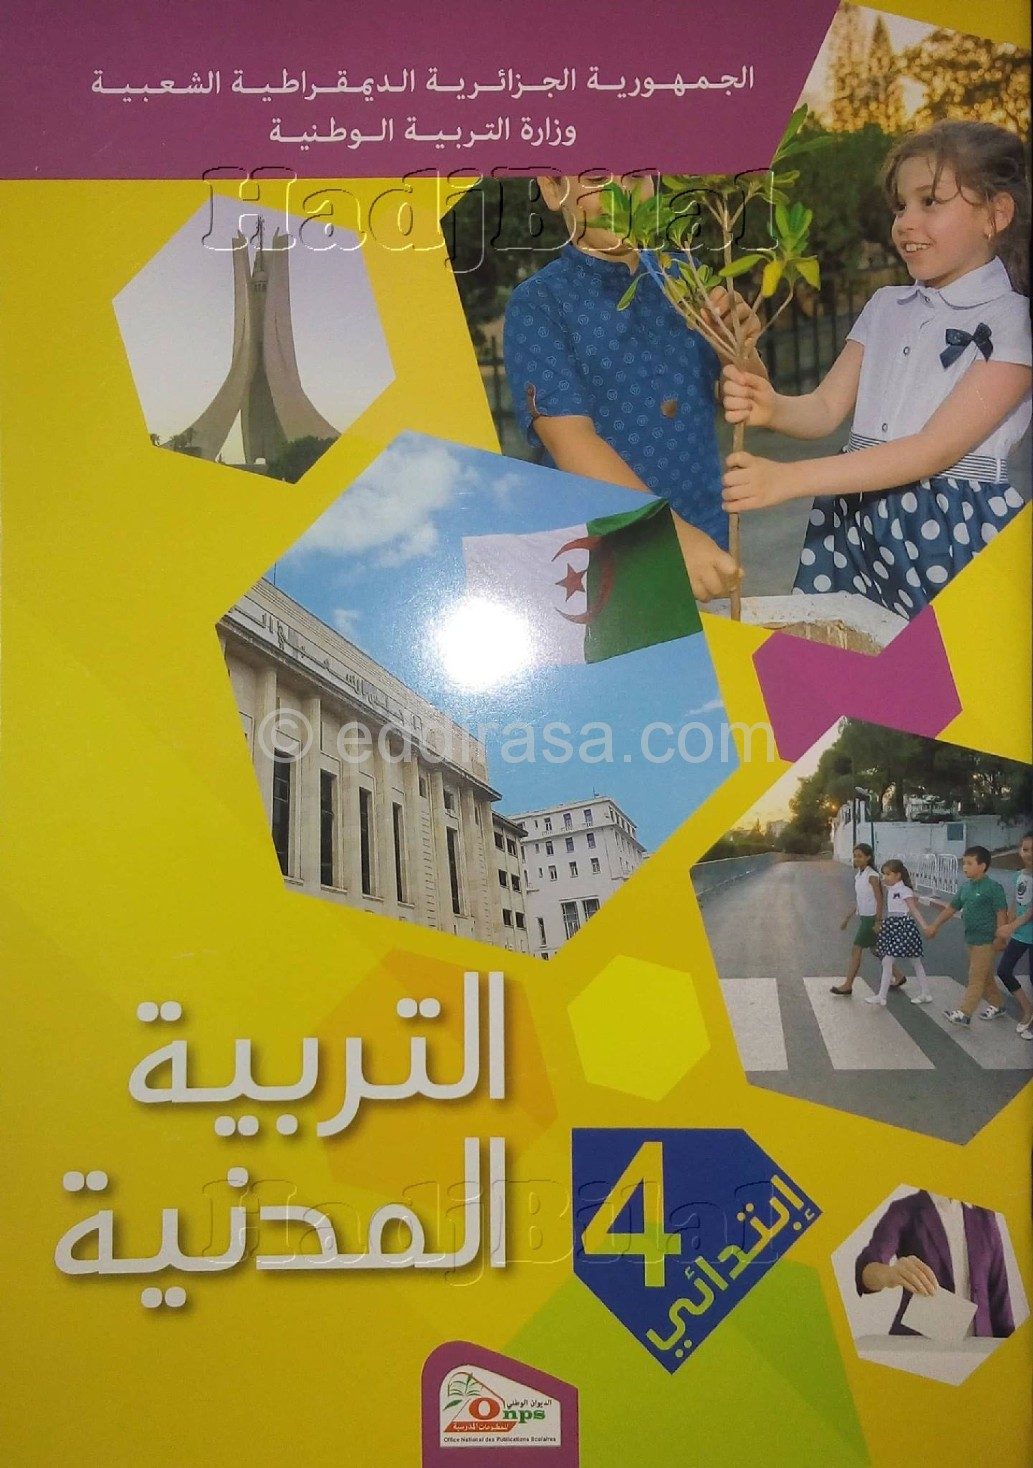 كتاب التربية المدنية للسنة الرابعة إبتدائي الجيل الثاني